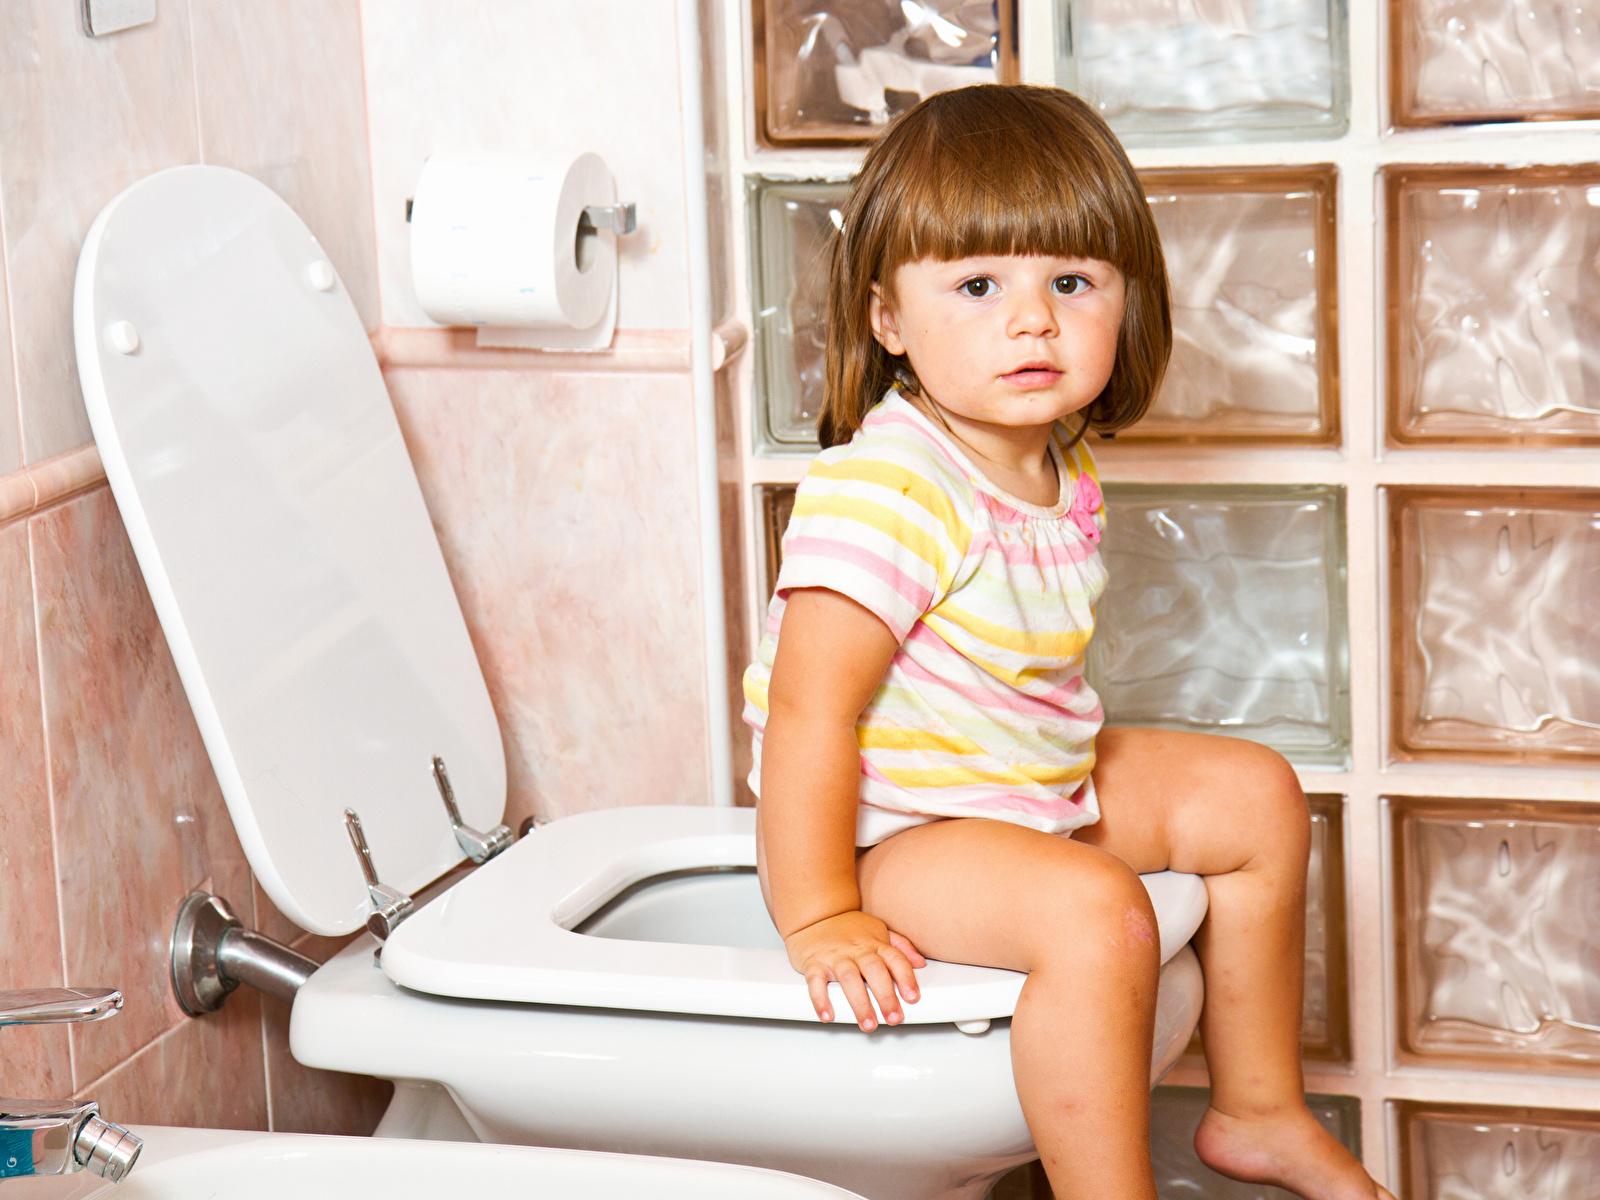 Fotos von Kleine Mädchen Toilette Kinder Sitzend 1600x1200